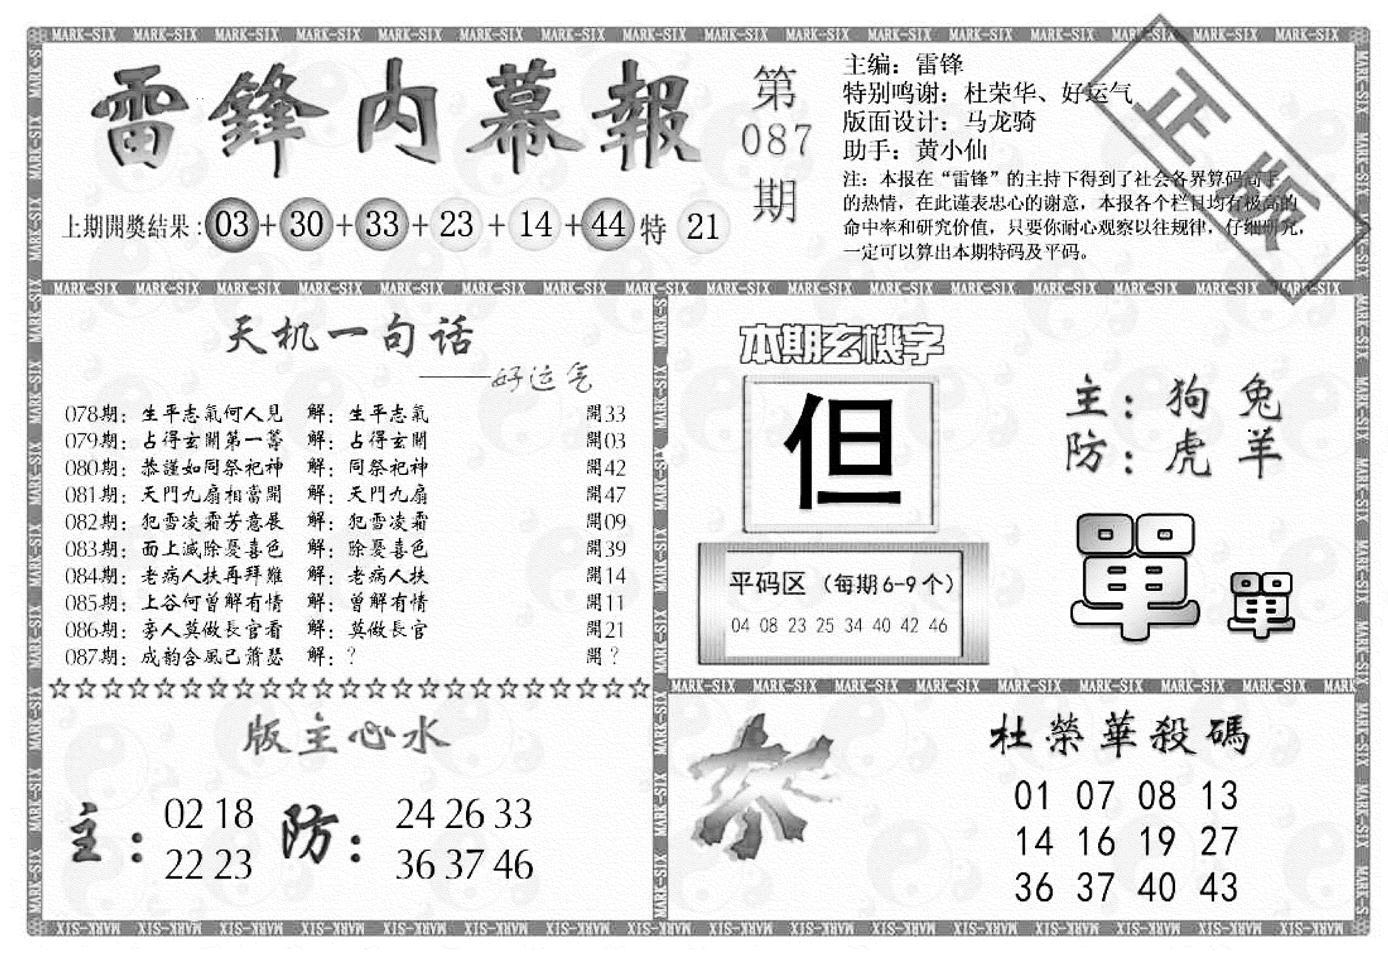 087期雷锋内幕报(黑白)